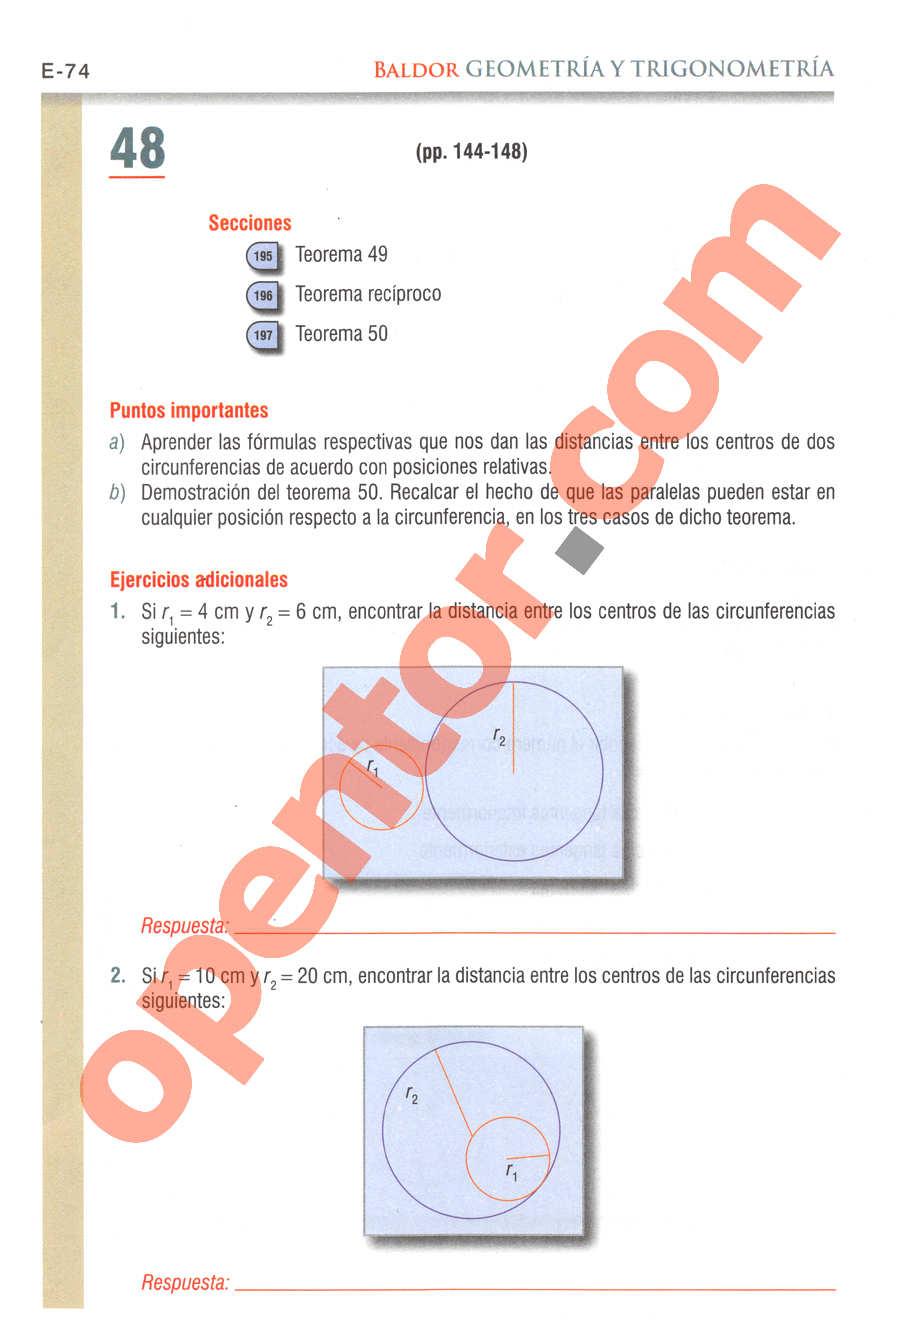 Geometría y Trigonometría de Baldor - Página E74